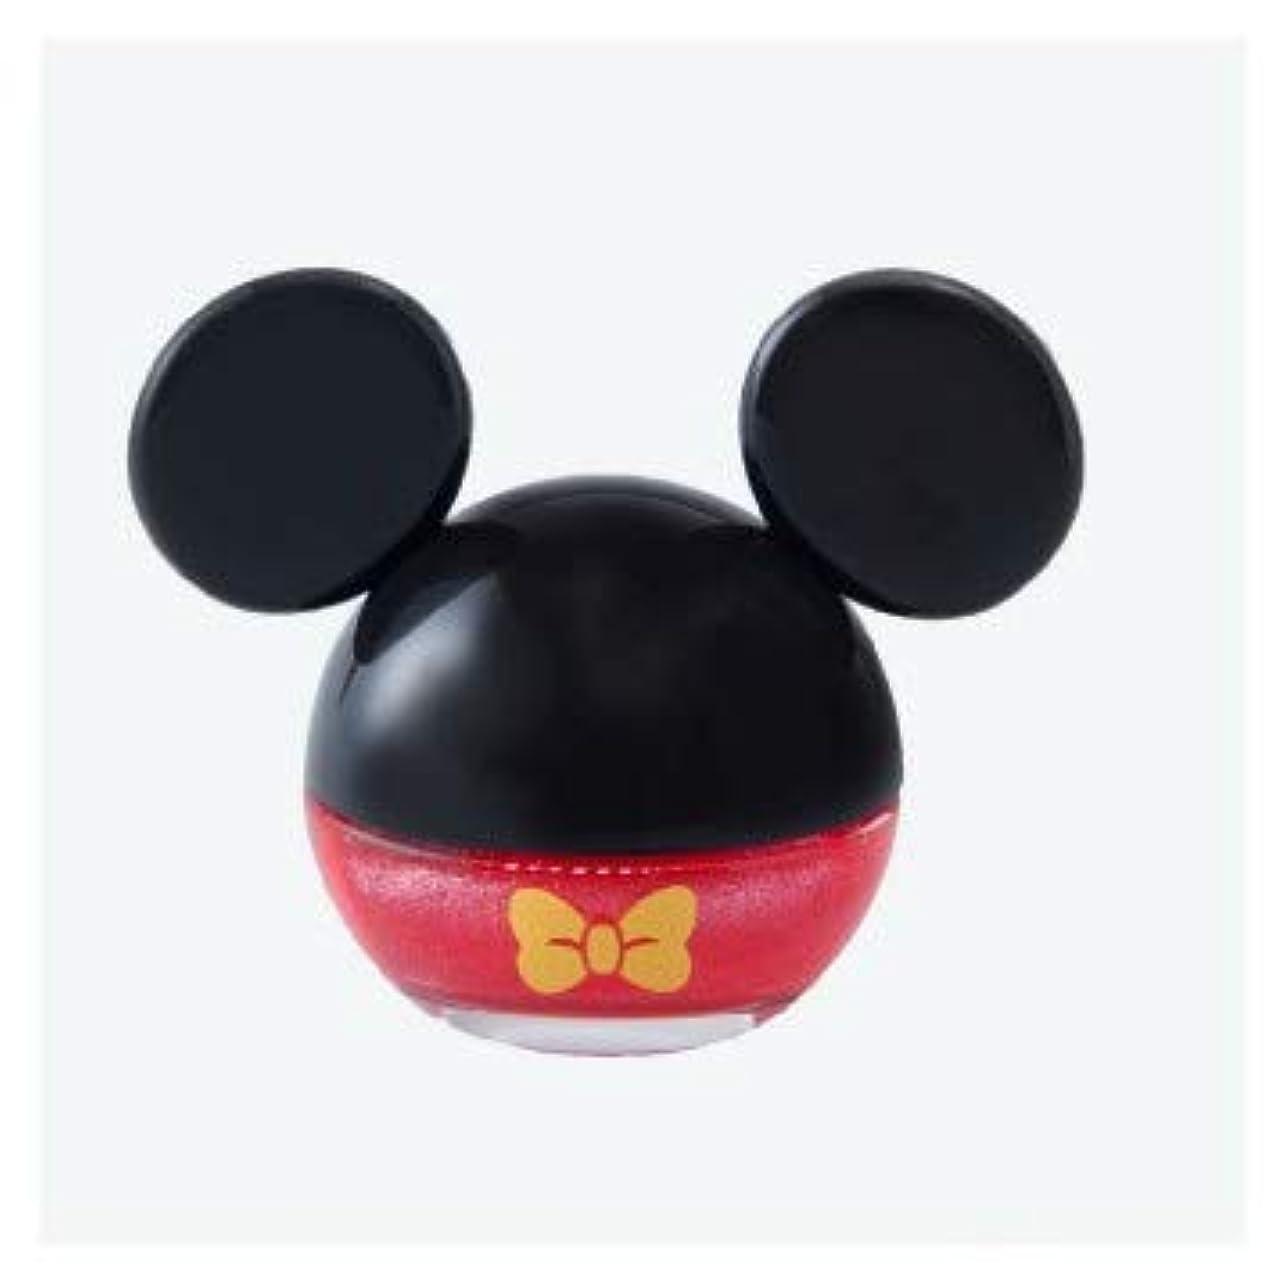 窓投げ捨てるコマンドディズニー 芳香剤 ルームフレグランス ジェル ミッキー(ミッキーマウス) せっけんの香り 東京ディズニーリゾート TDR